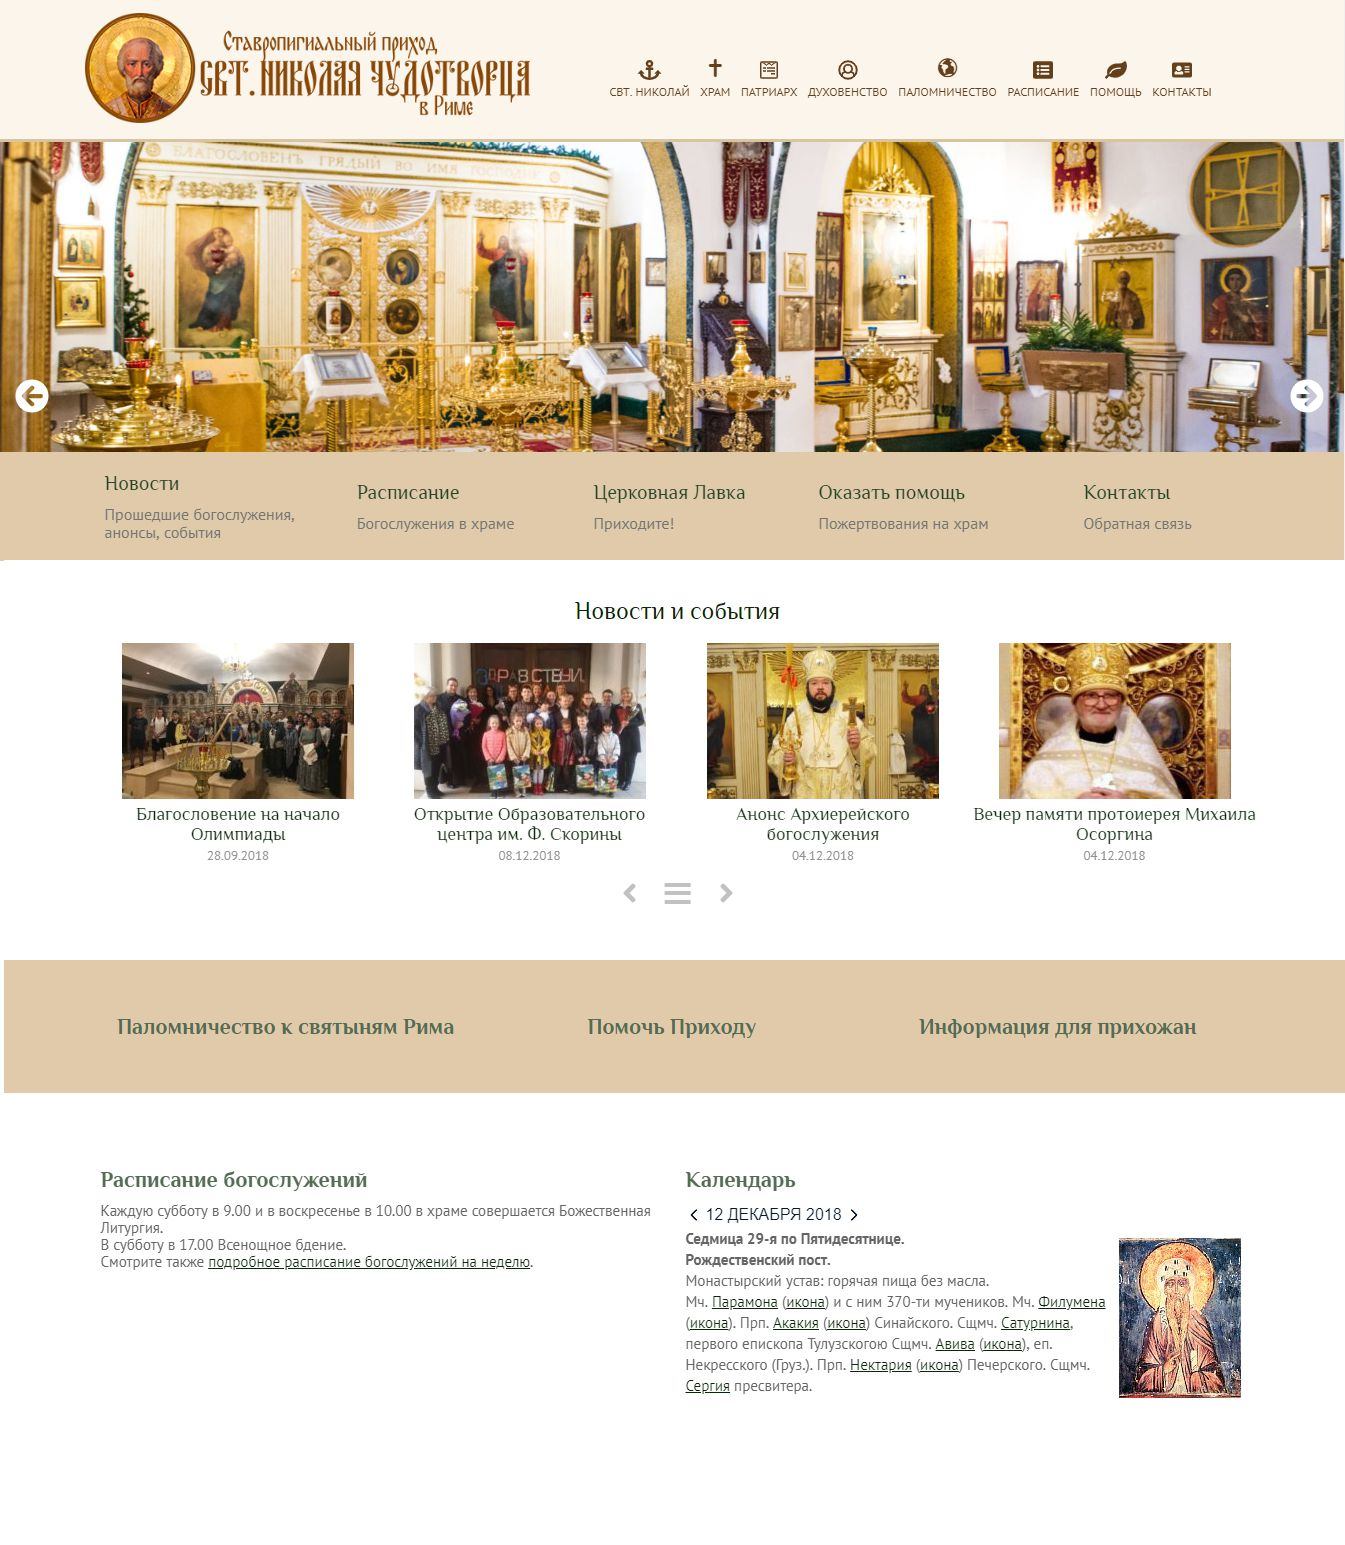 Ставропигиальный Приход Святителя Николая Чудотворца в Риме. Официальный сайт